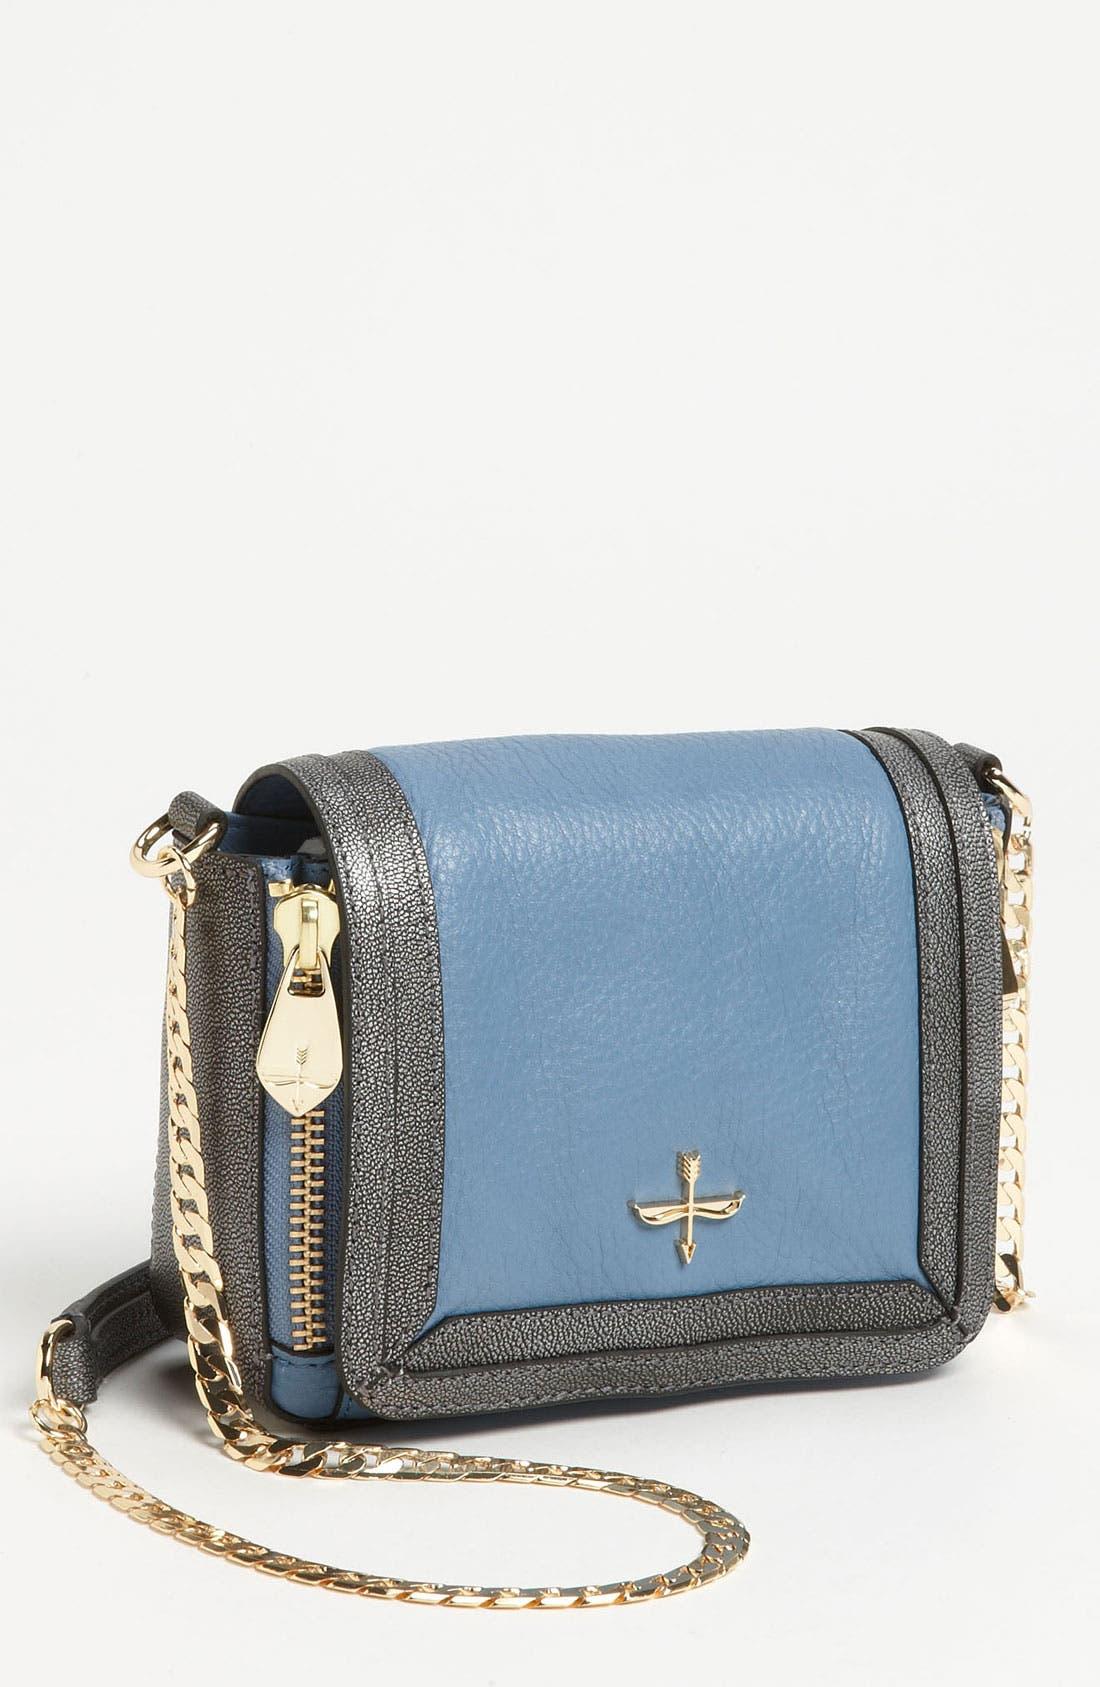 Main Image - Pour la Victoire 'Alsace' Crossbody Bag